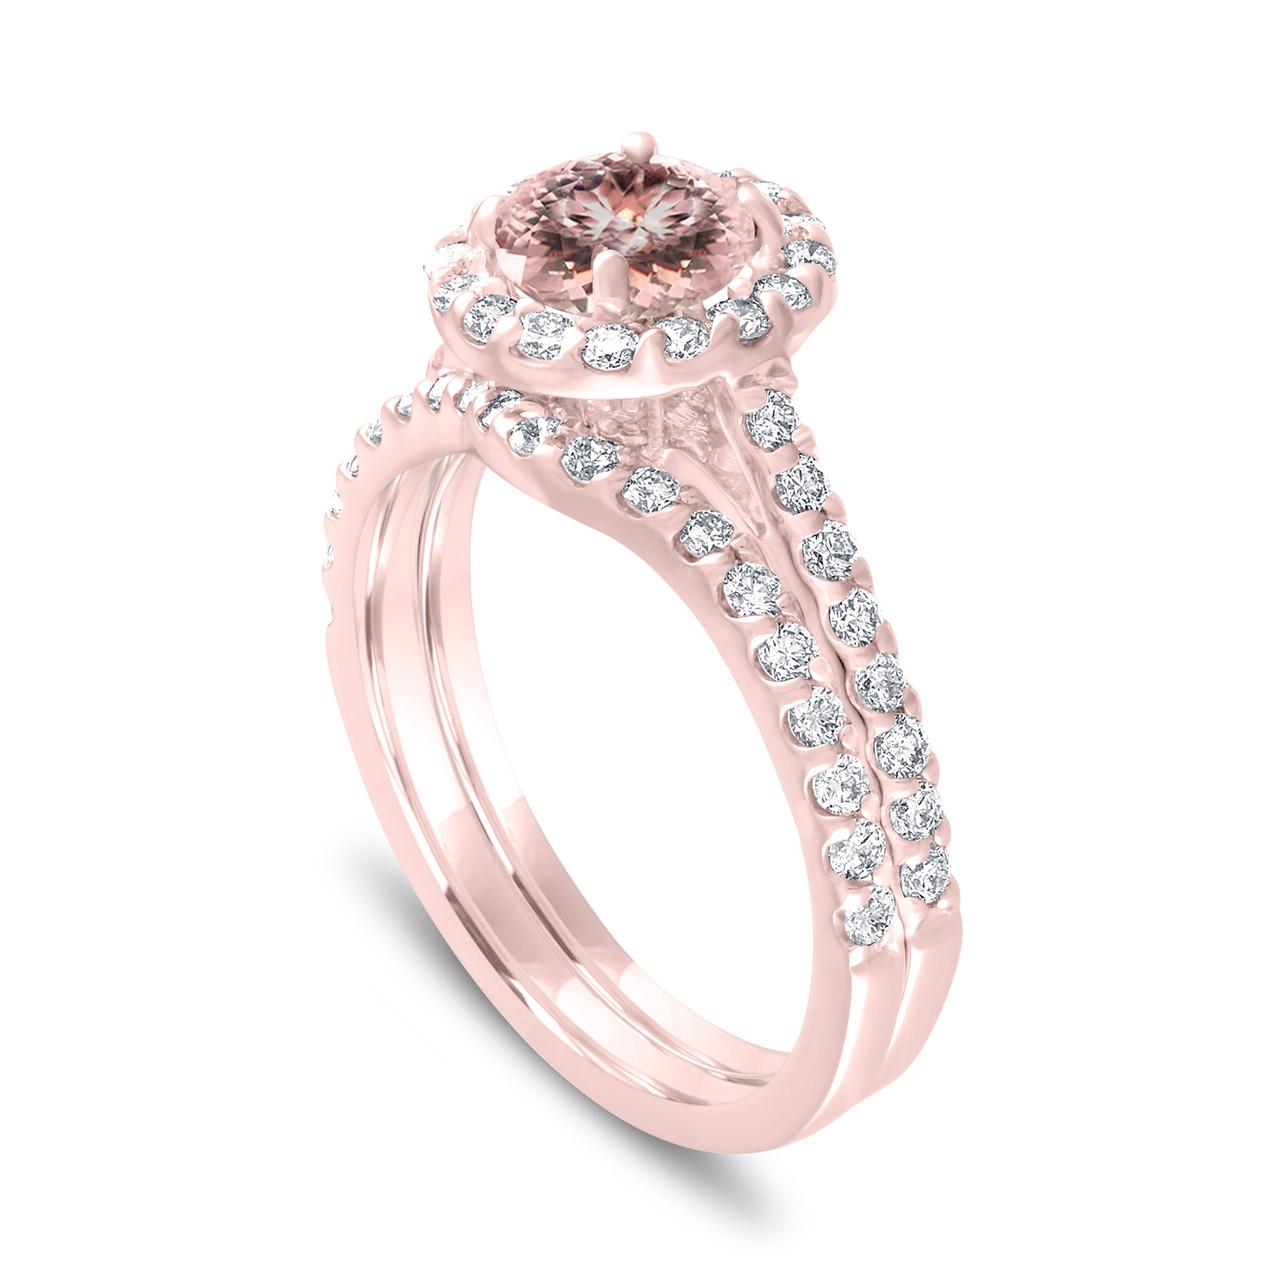 Morganite Wedding Set.Morganite Engagement Ring Set Rose Gold Bridal Ring Sets Peach Pink Morganite Wedding Ring Sets 1 73 Carat Certified Pave Handmade